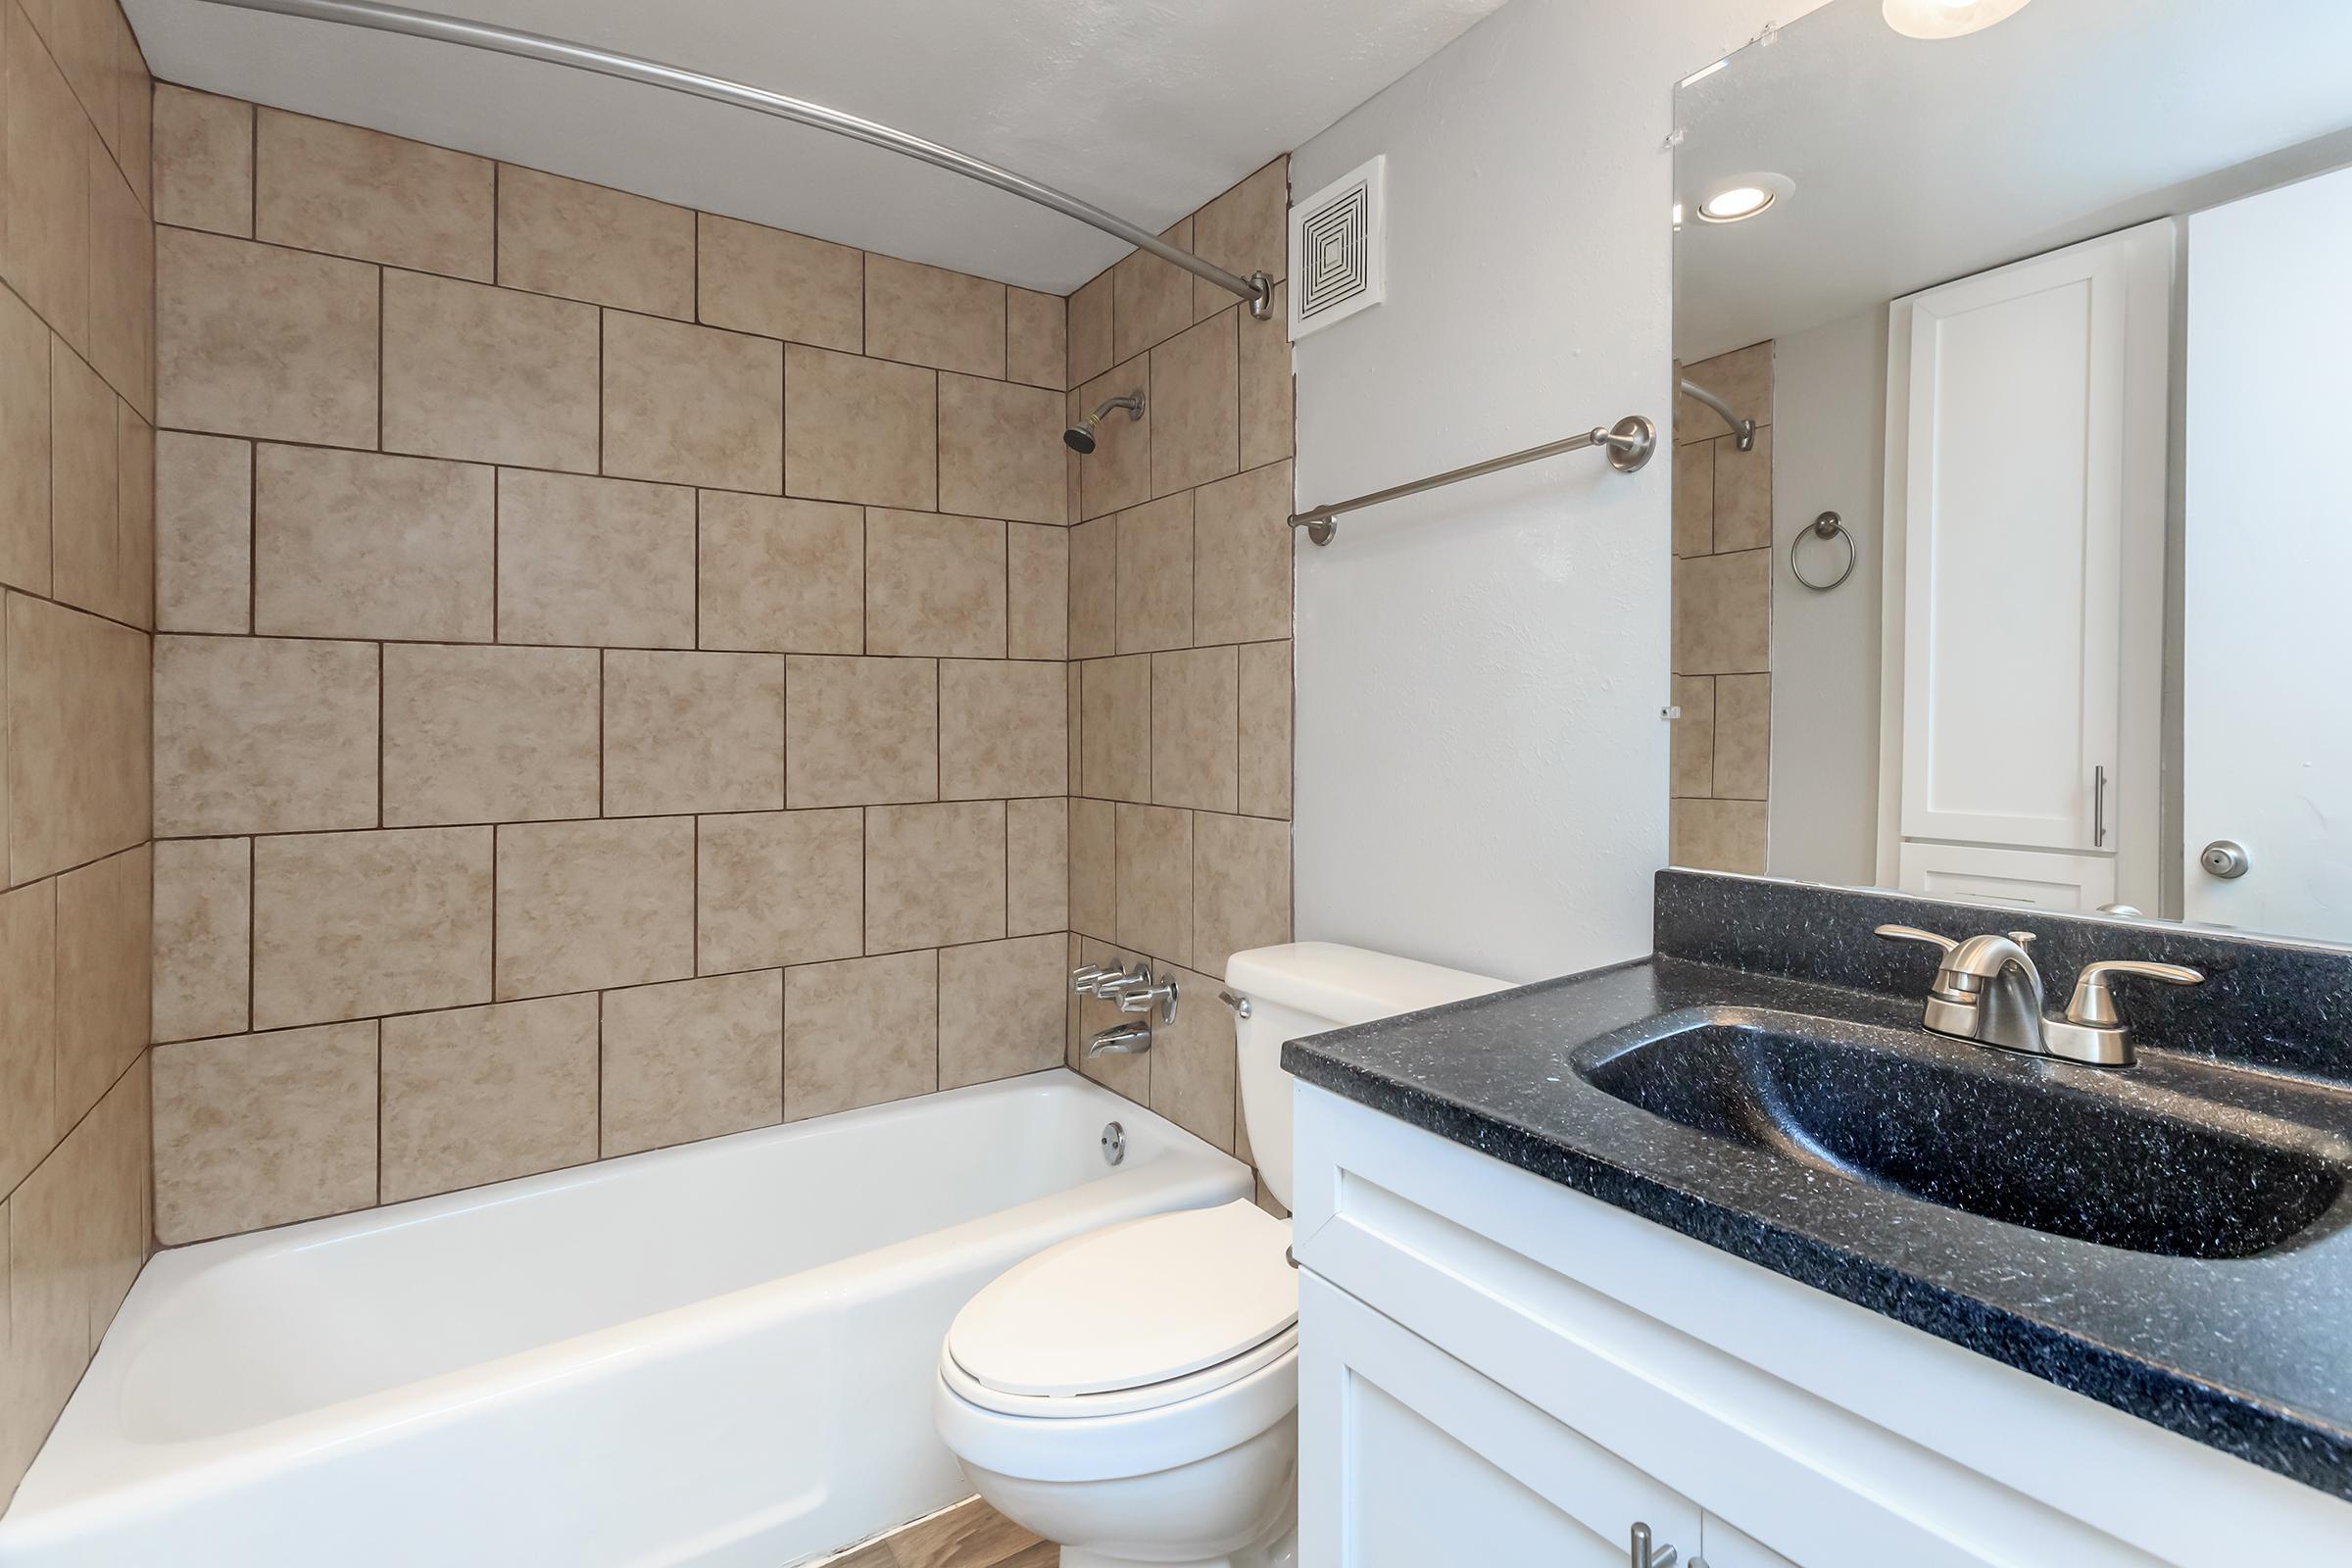 a white sink